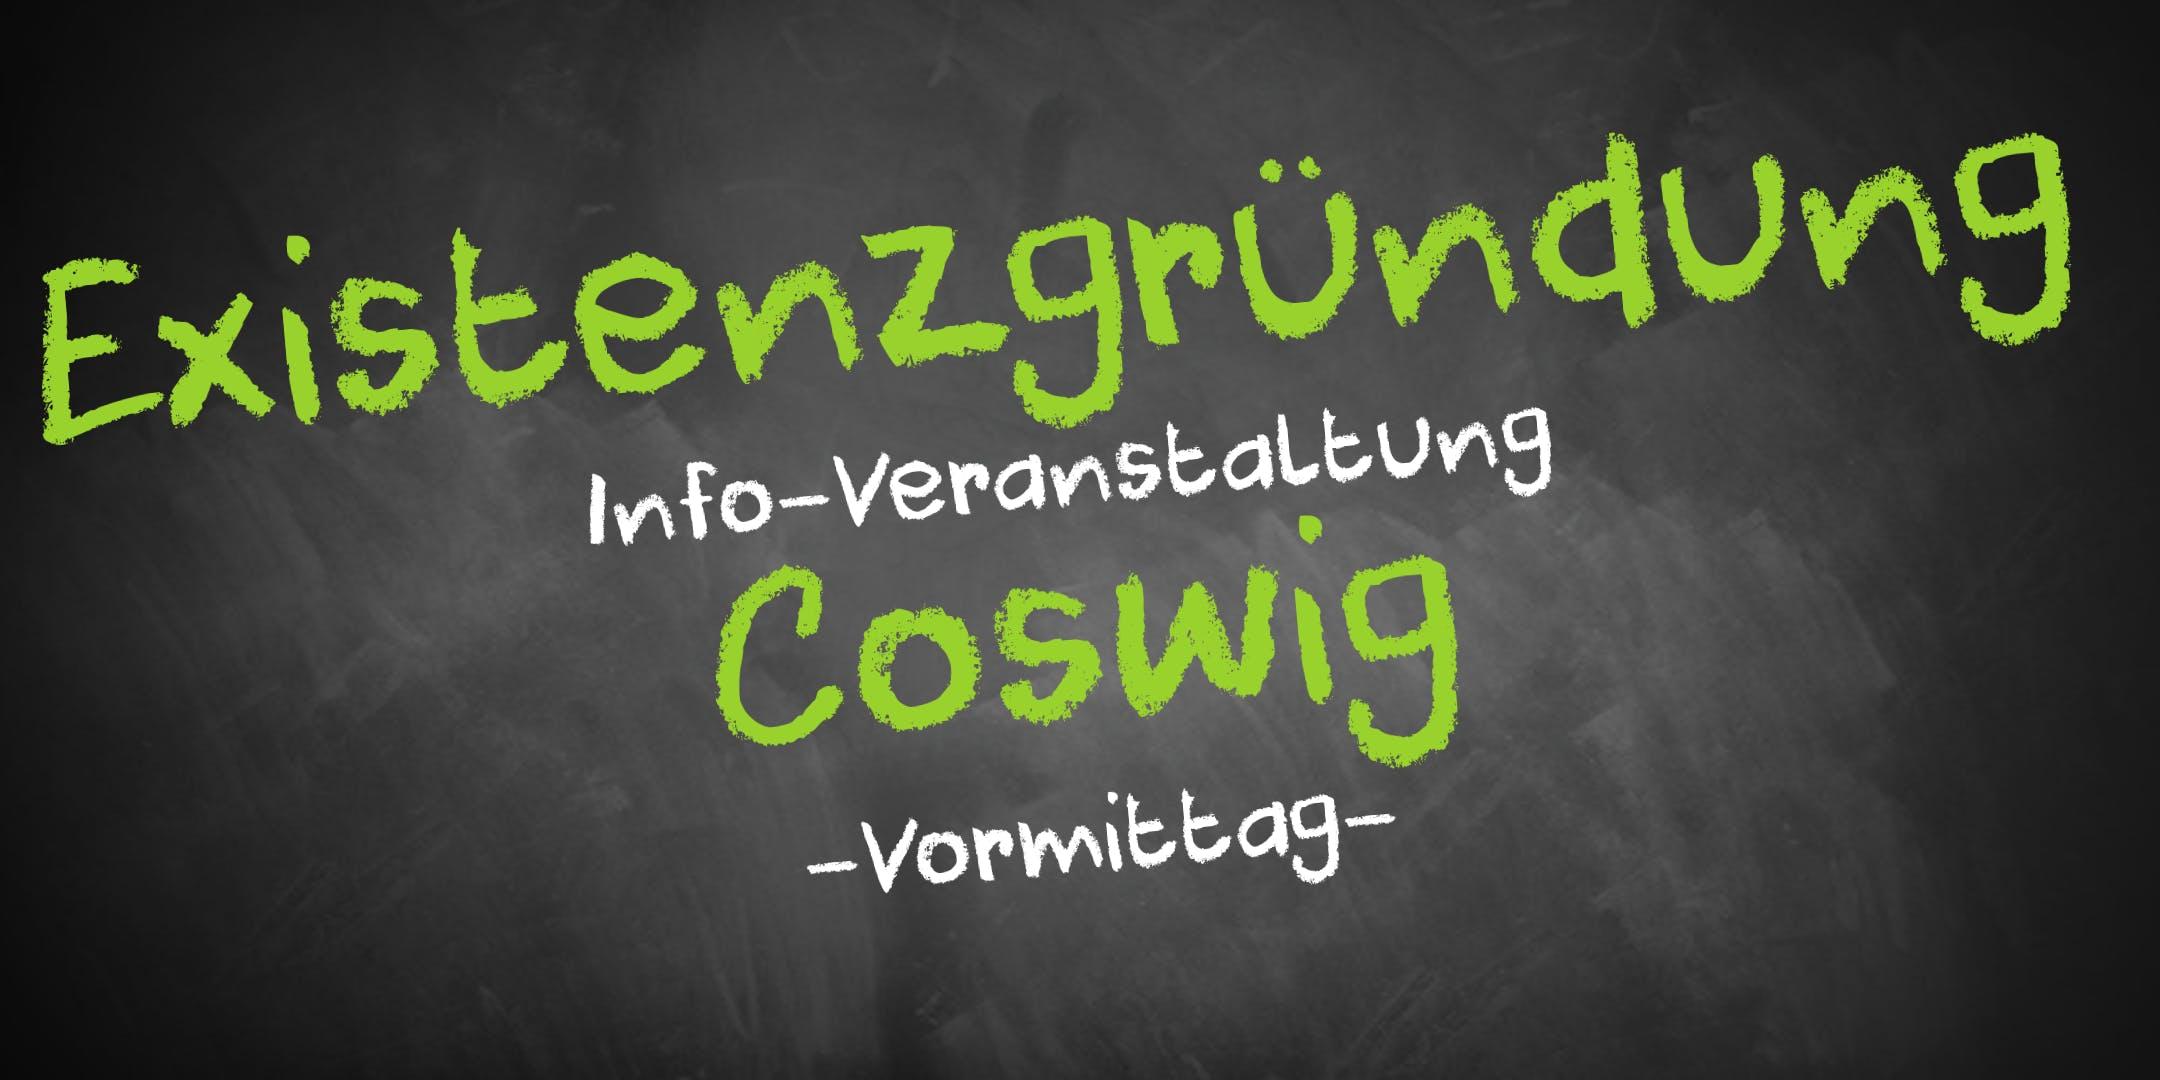 Existenzgründung Informationsveranstaltung Coswig